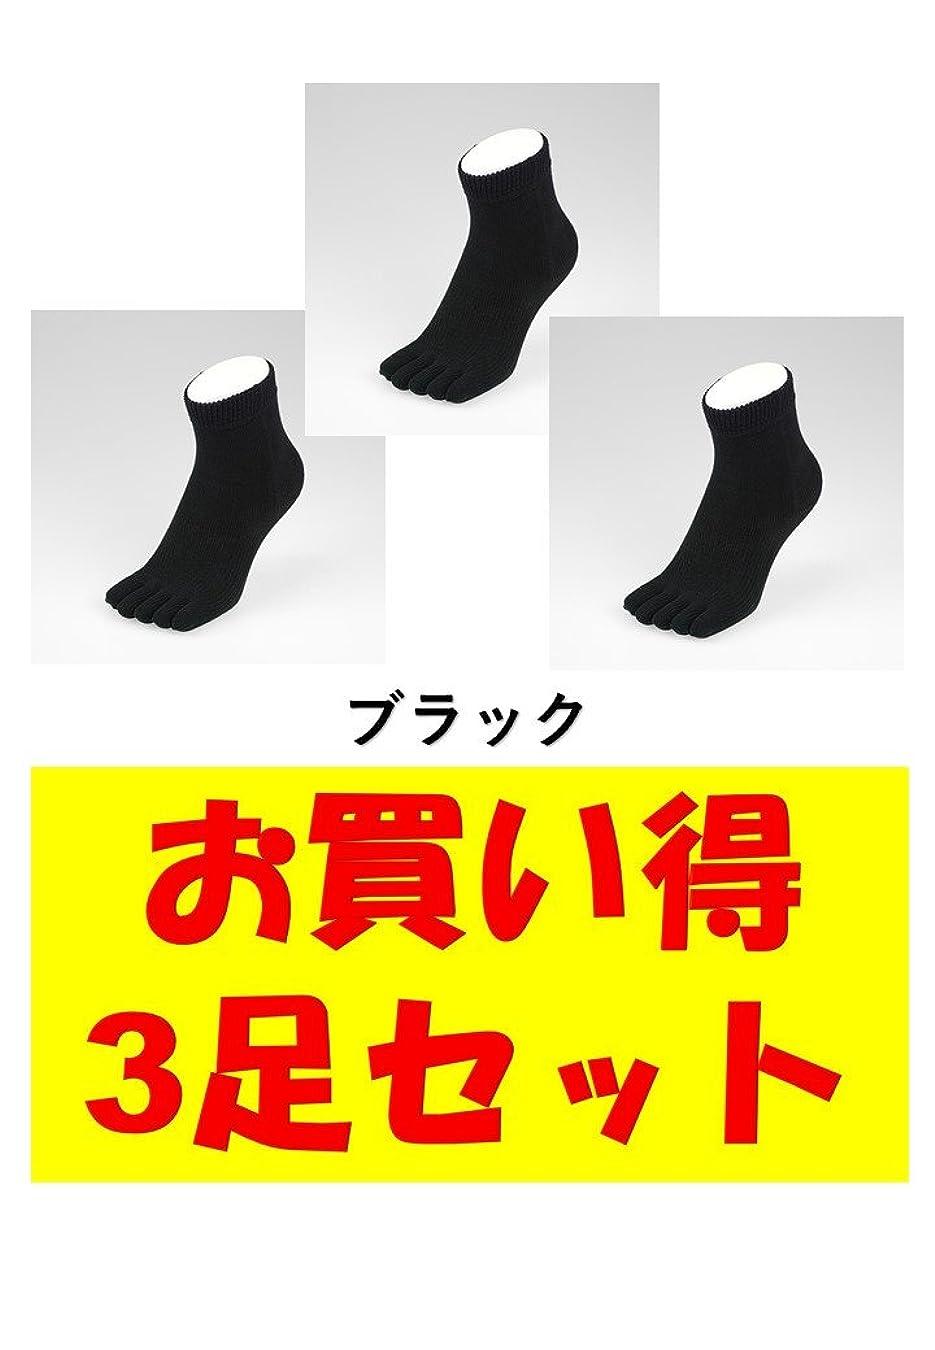 資本悪意のある流暢お買い得3足セット 5本指 ゆびのばソックス Neo EVE(イヴ) ブラック Sサイズ(21.0cm - 24.0cm) YSNEVE-BLK